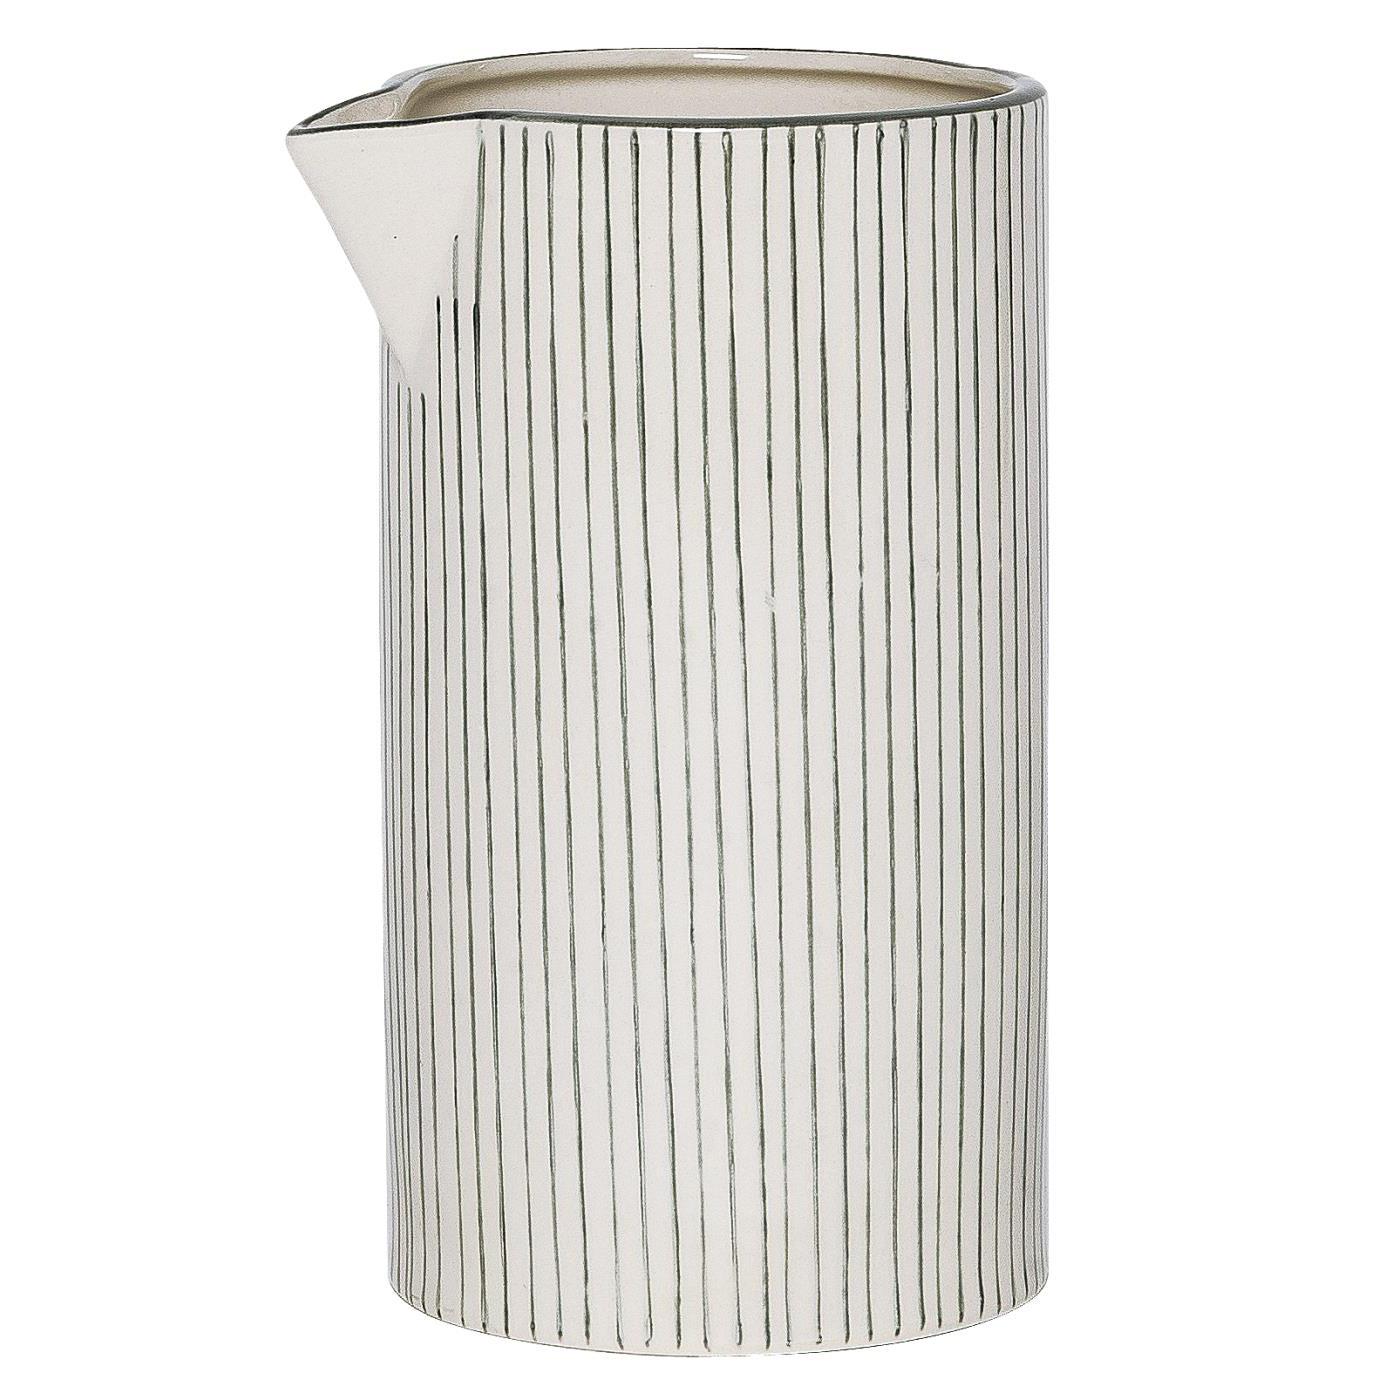 Kanne - mit grauen Streifen - Muster A - 1L - Casablanca - IB Laursen